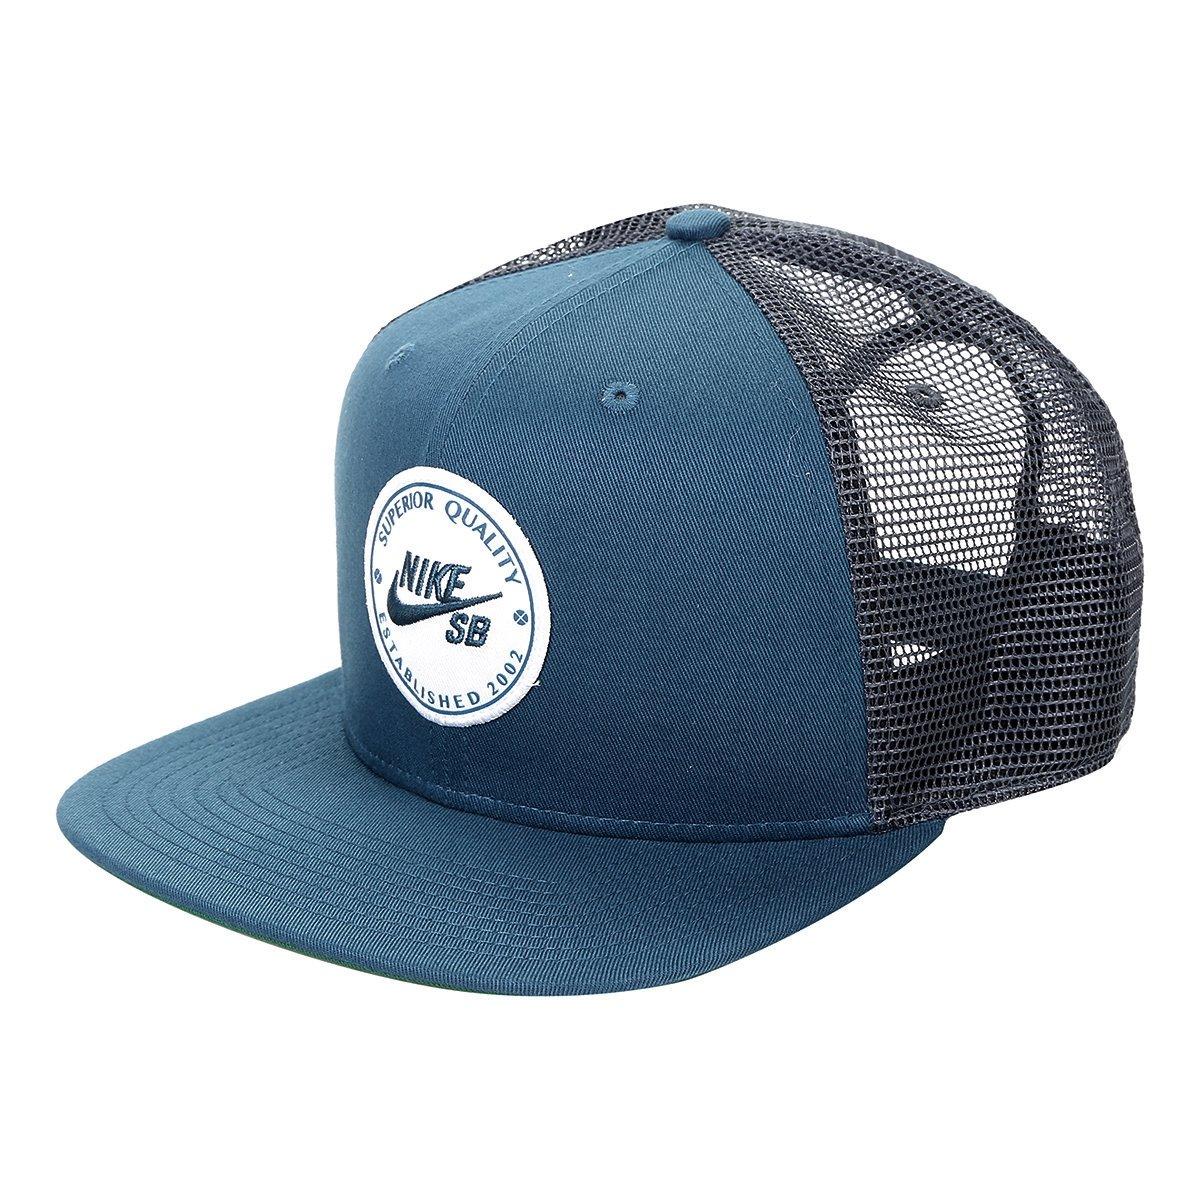 Boné Nike SB Patch Trucker 925293-474 - Azul - Calçados Online ... fa15dfe653d